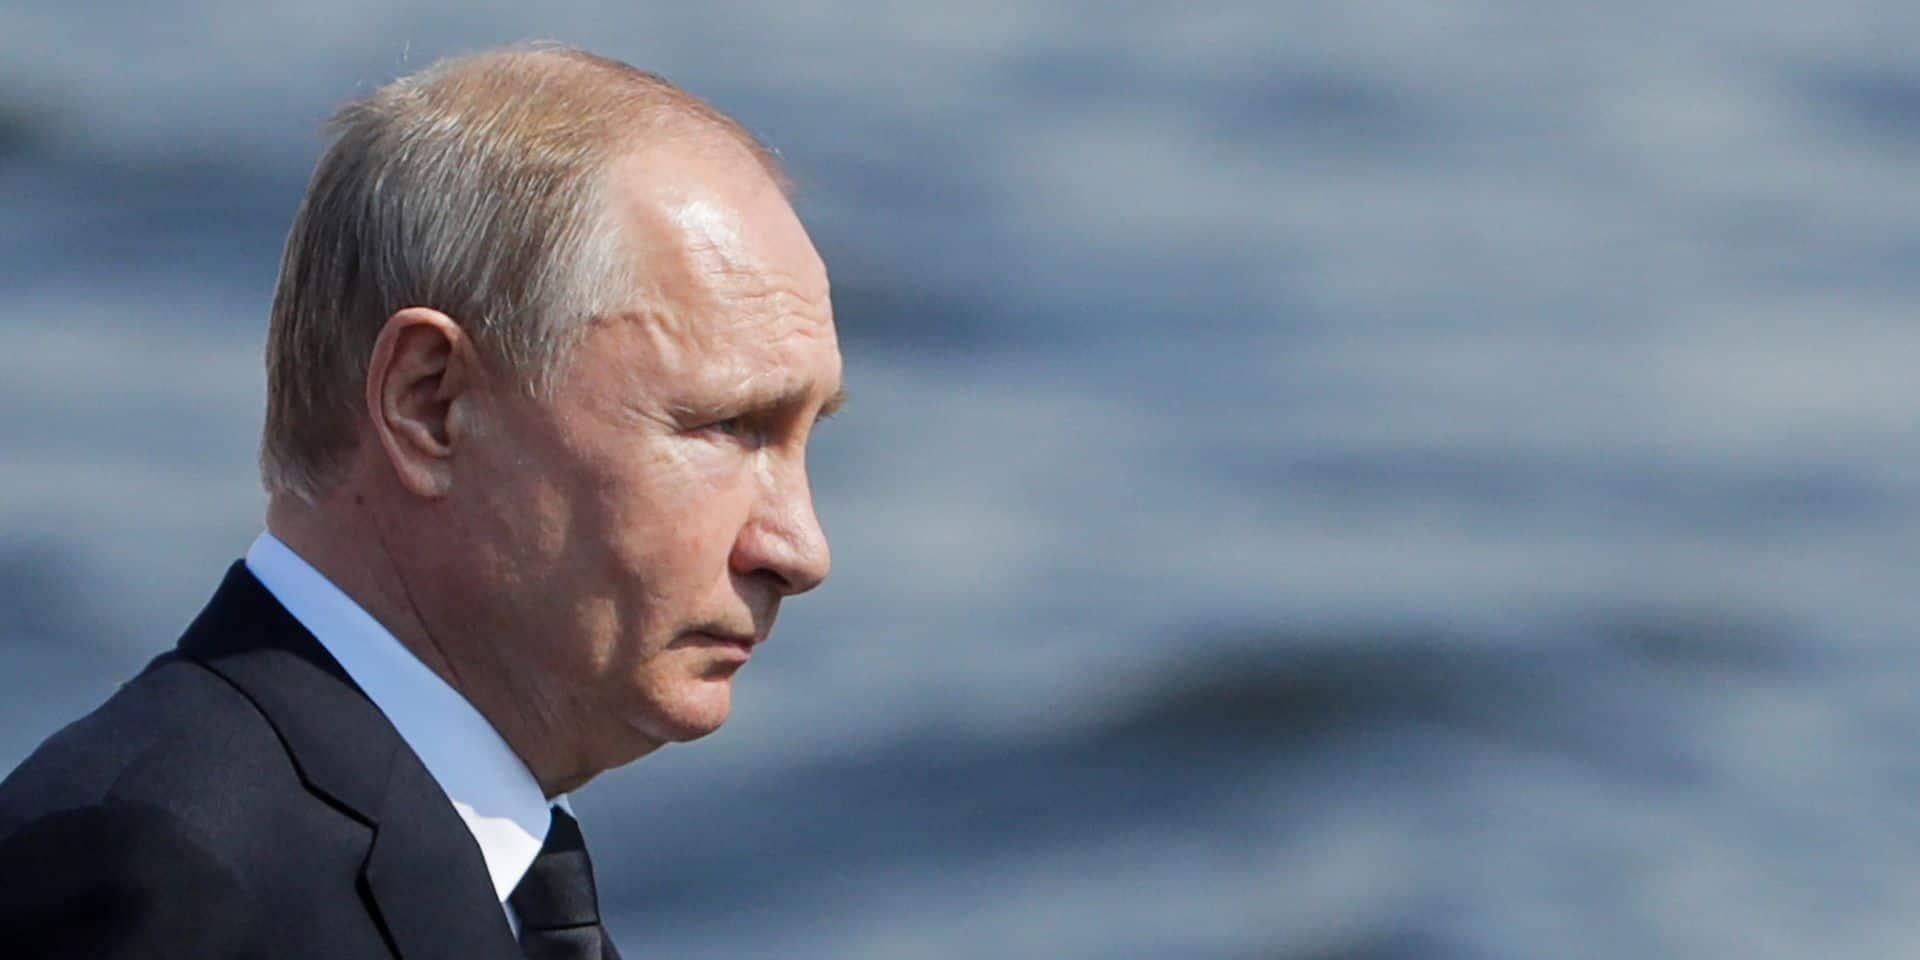 La Russie sanctionne de hauts responsables européens en représailles contre l'UE